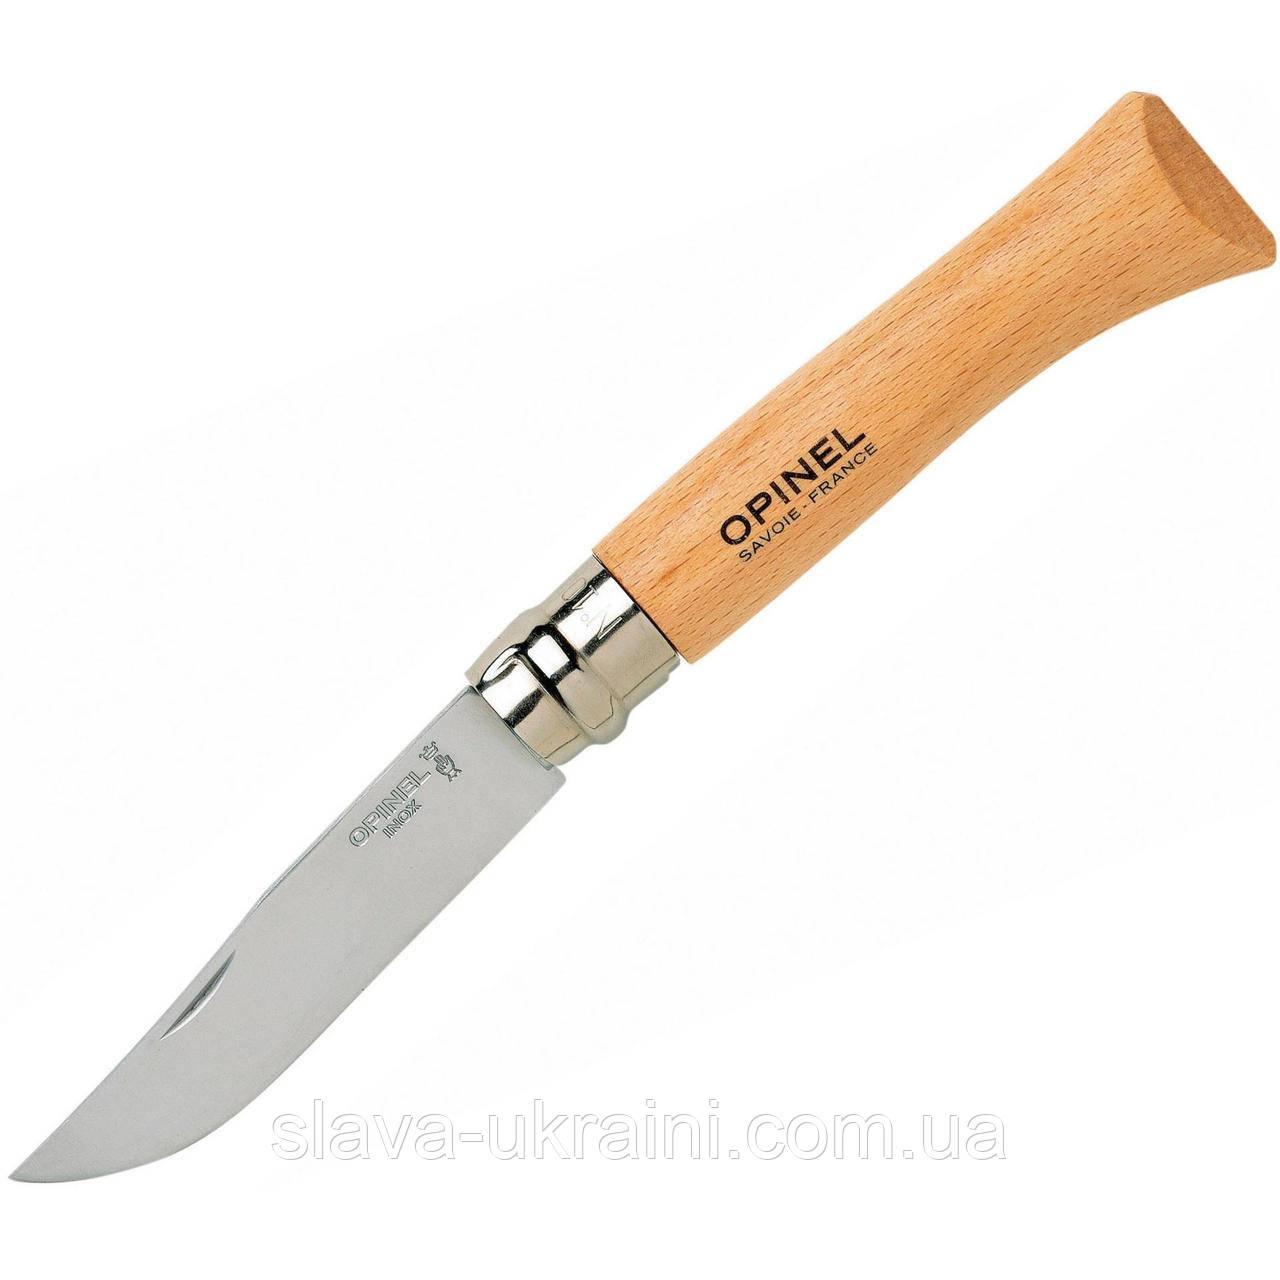 Нож Opinel 7VRI Inox